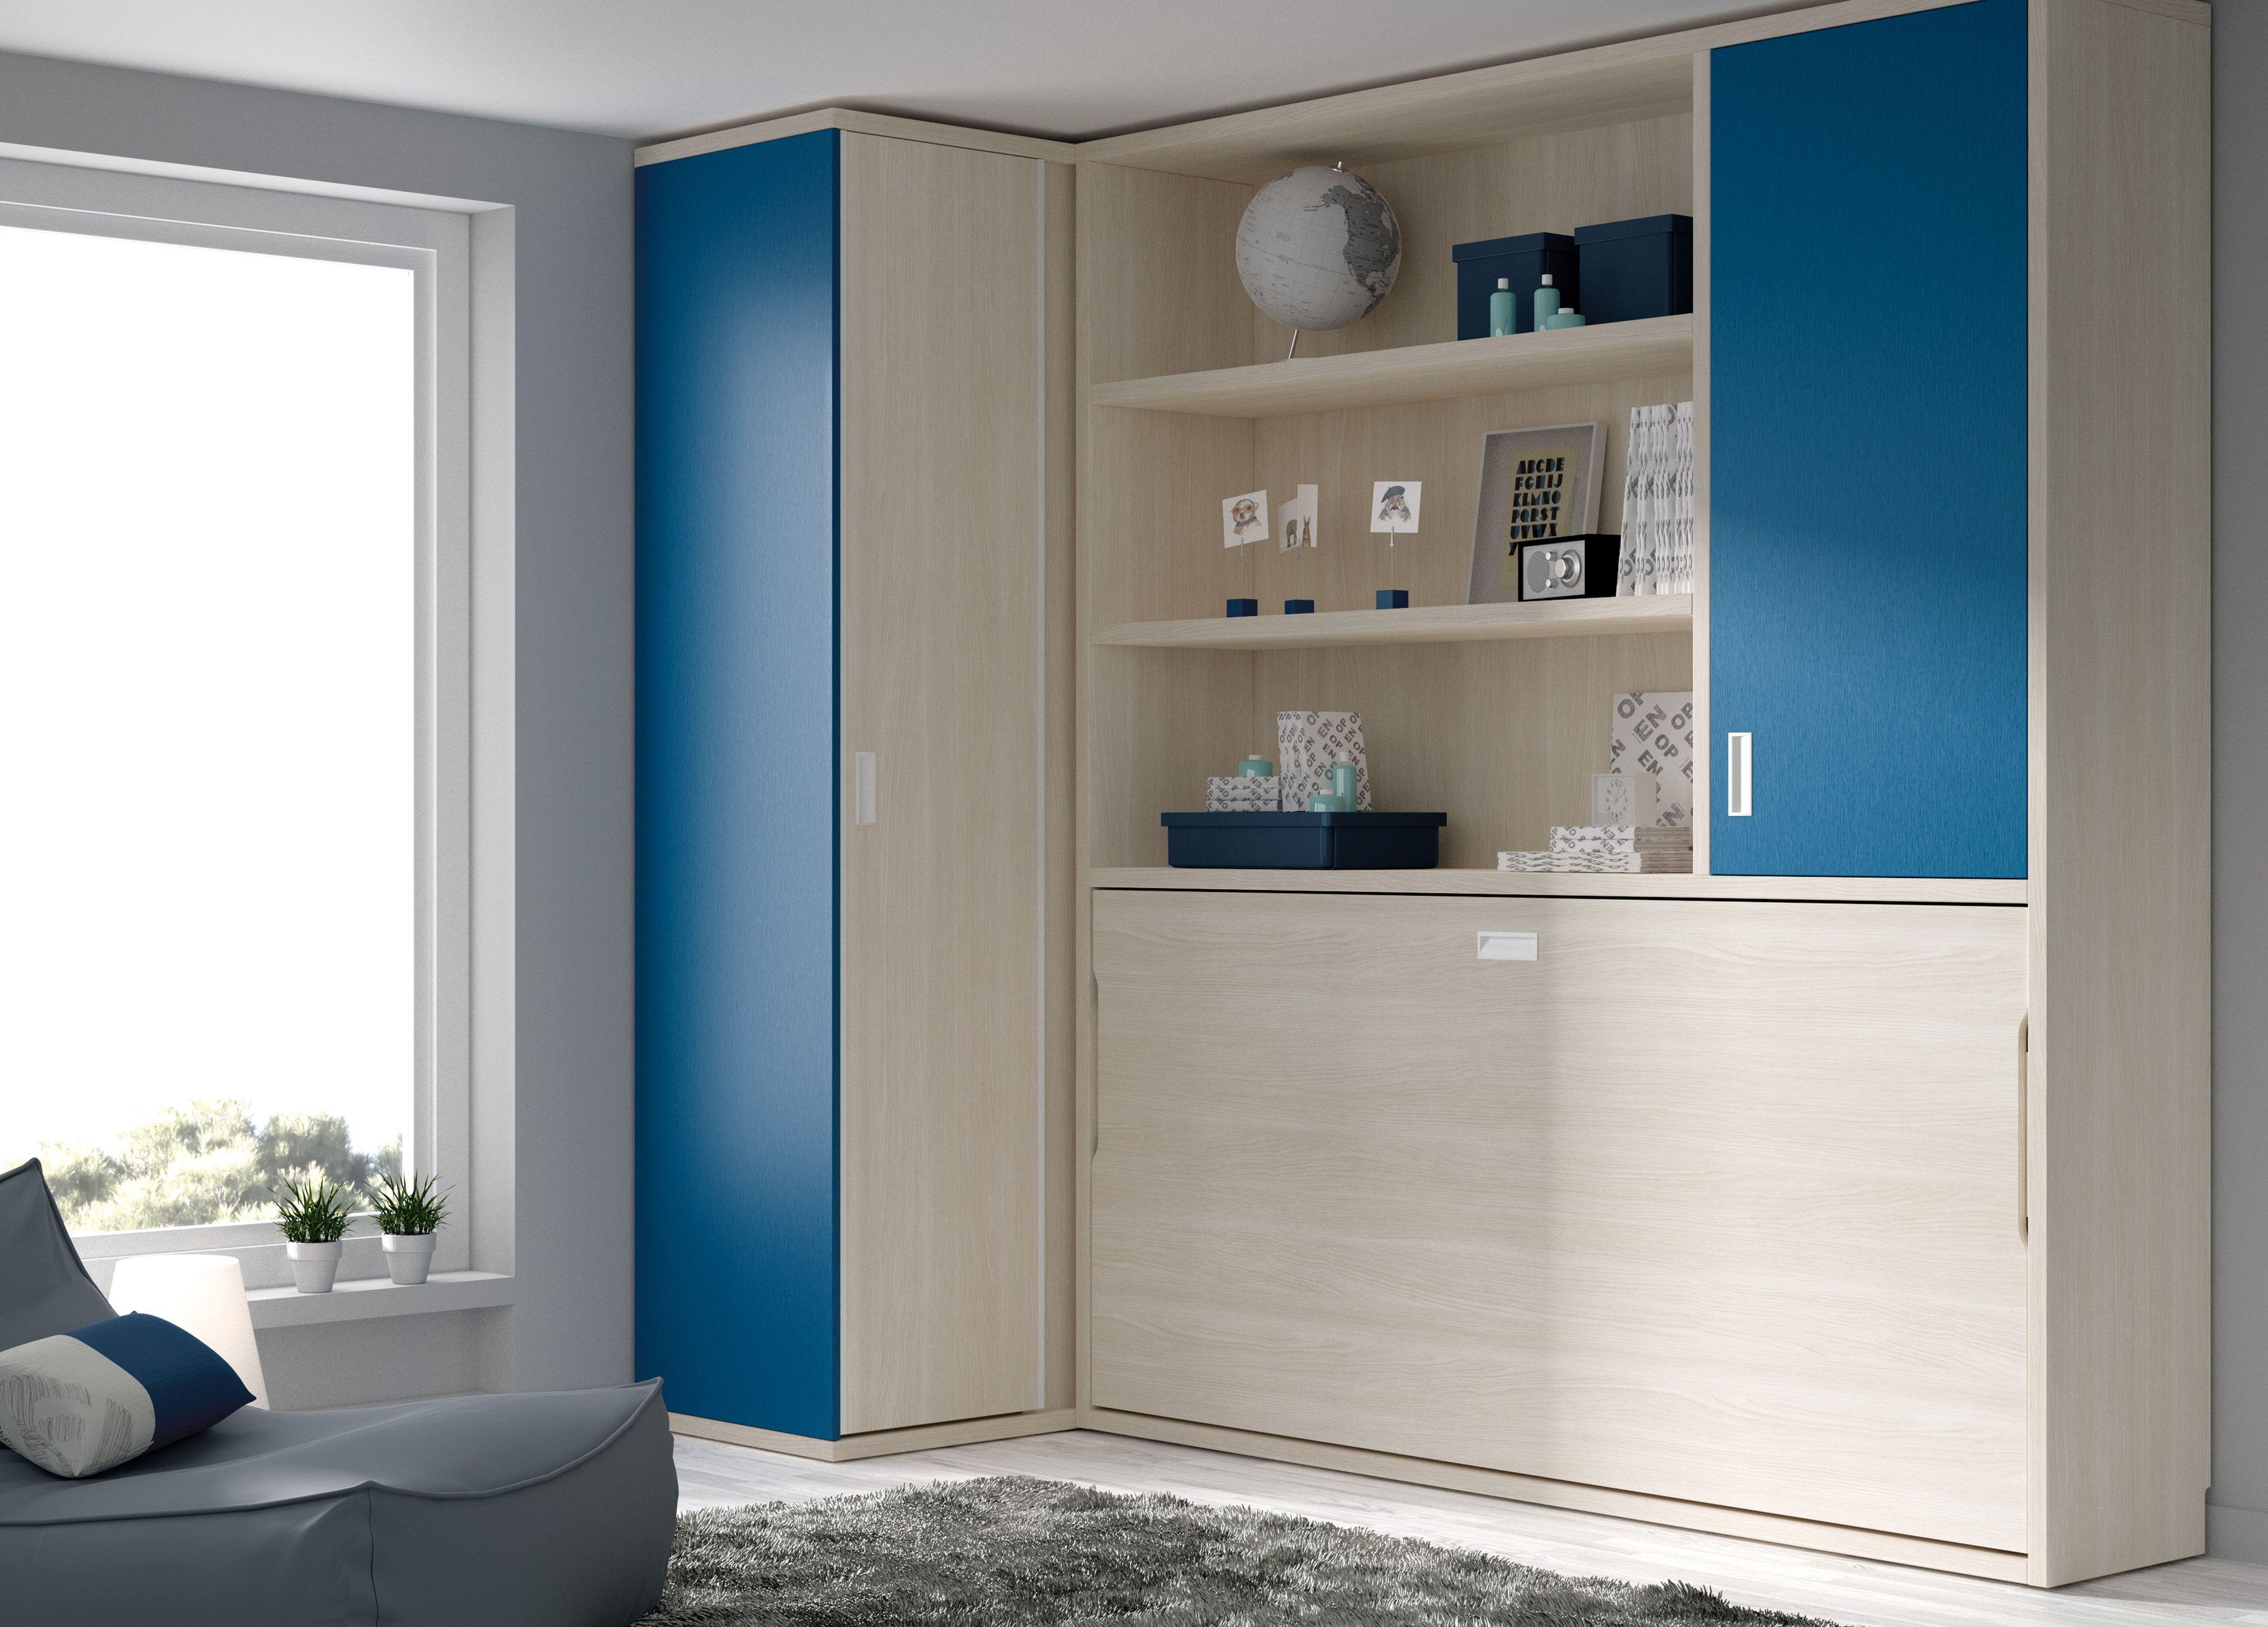 Cama Empotrada En Armario Gallery Of Top With Cama Empotrada En  ~ Camas Abatibles Horizontales Ikea